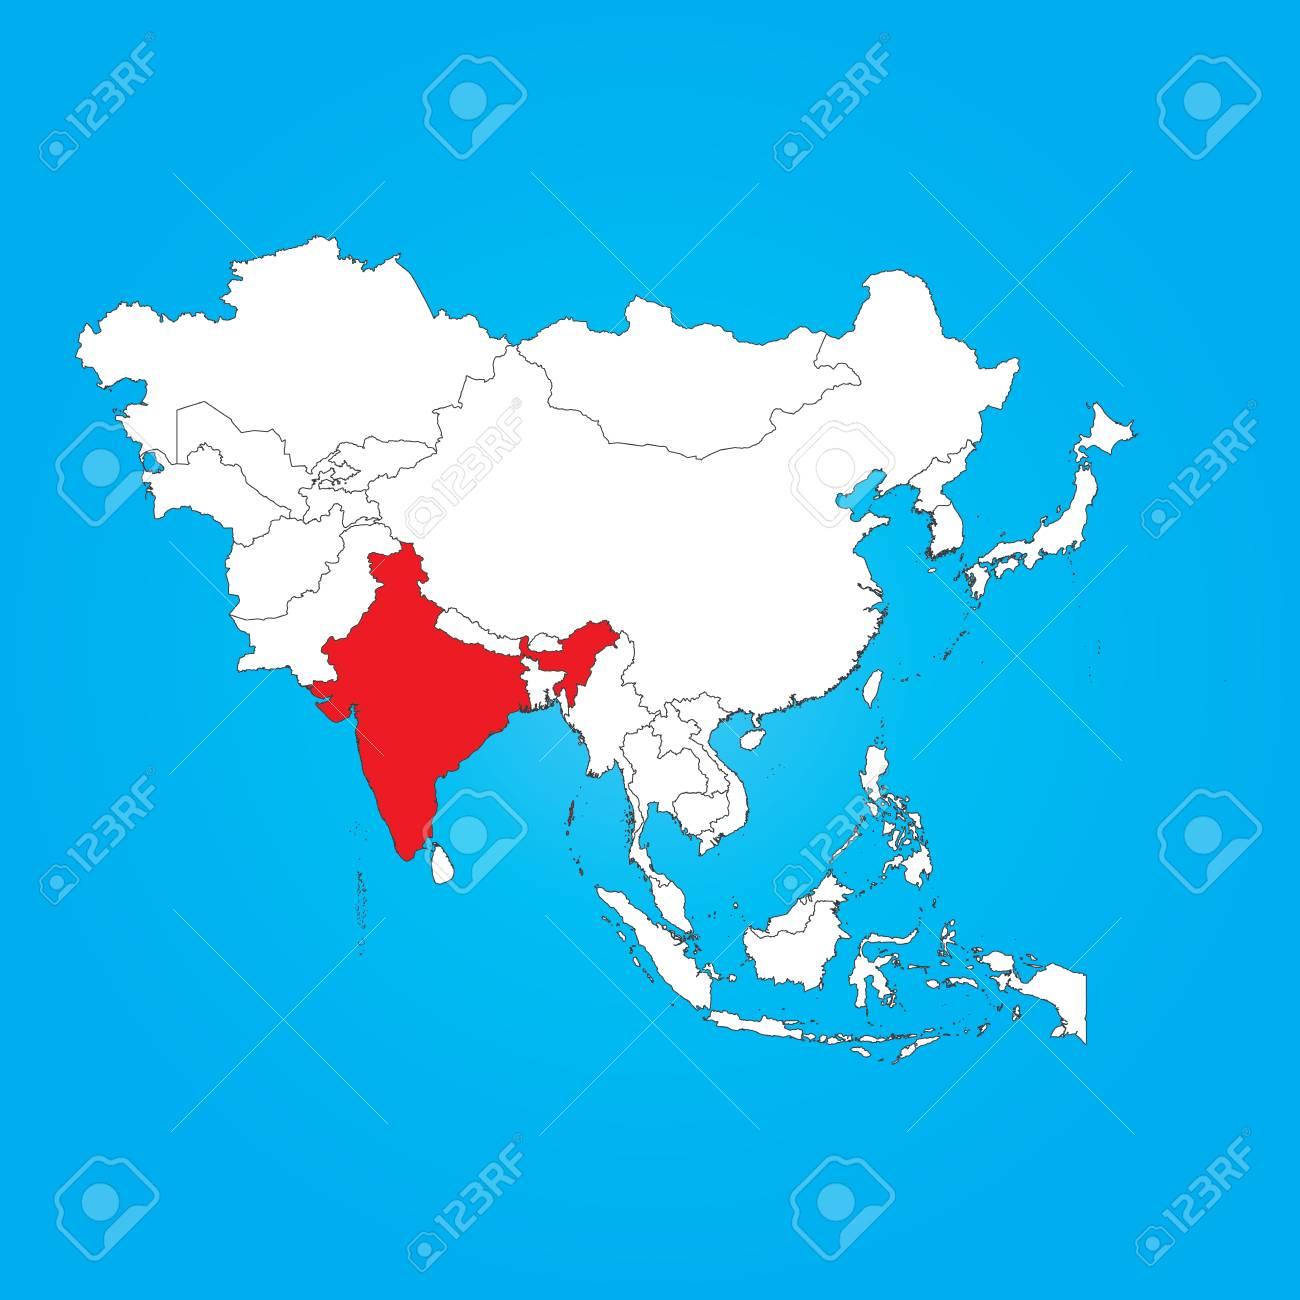 Carte Asie Inde.Une Carte De L Asie Avec Un Pays Selectionne De L Inde